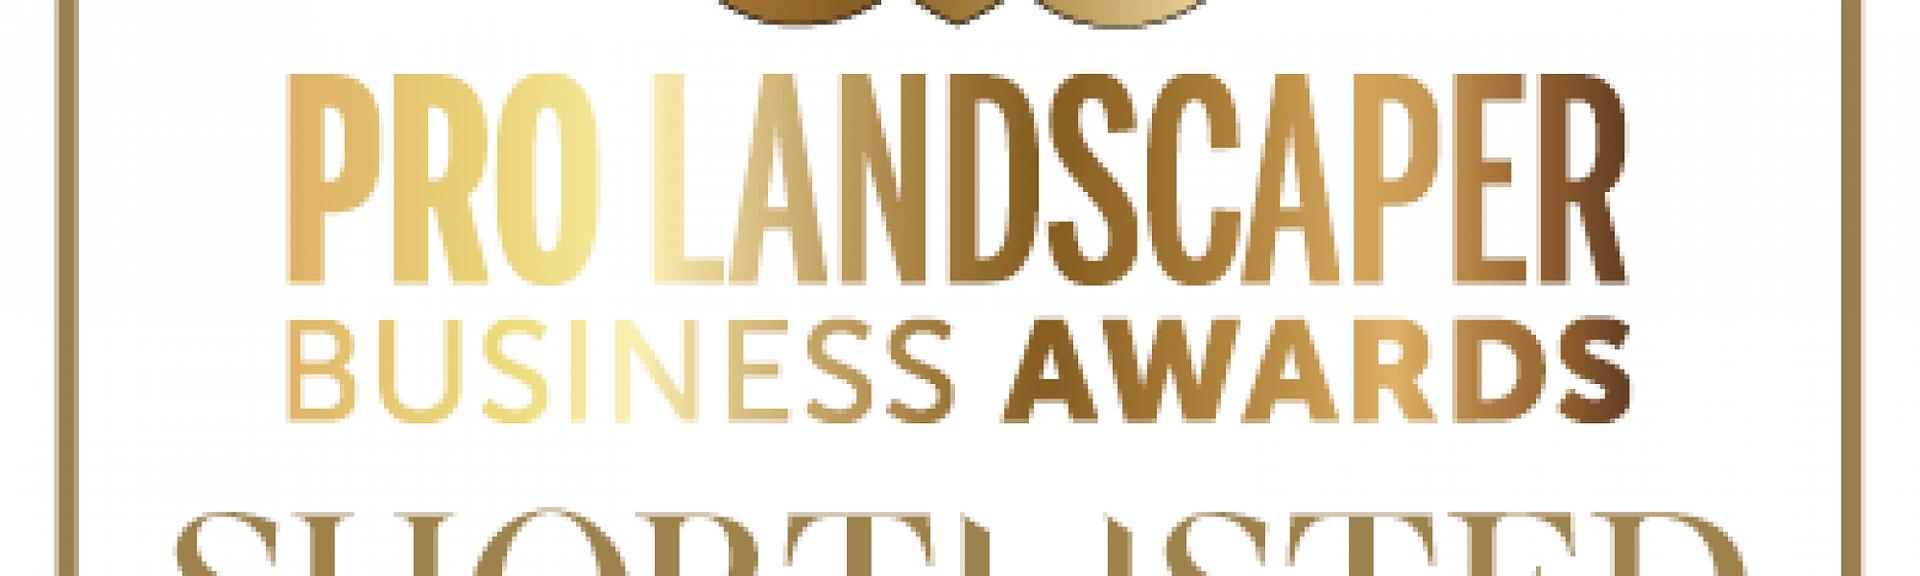 Pro Landscaper Business Awards shortlisted